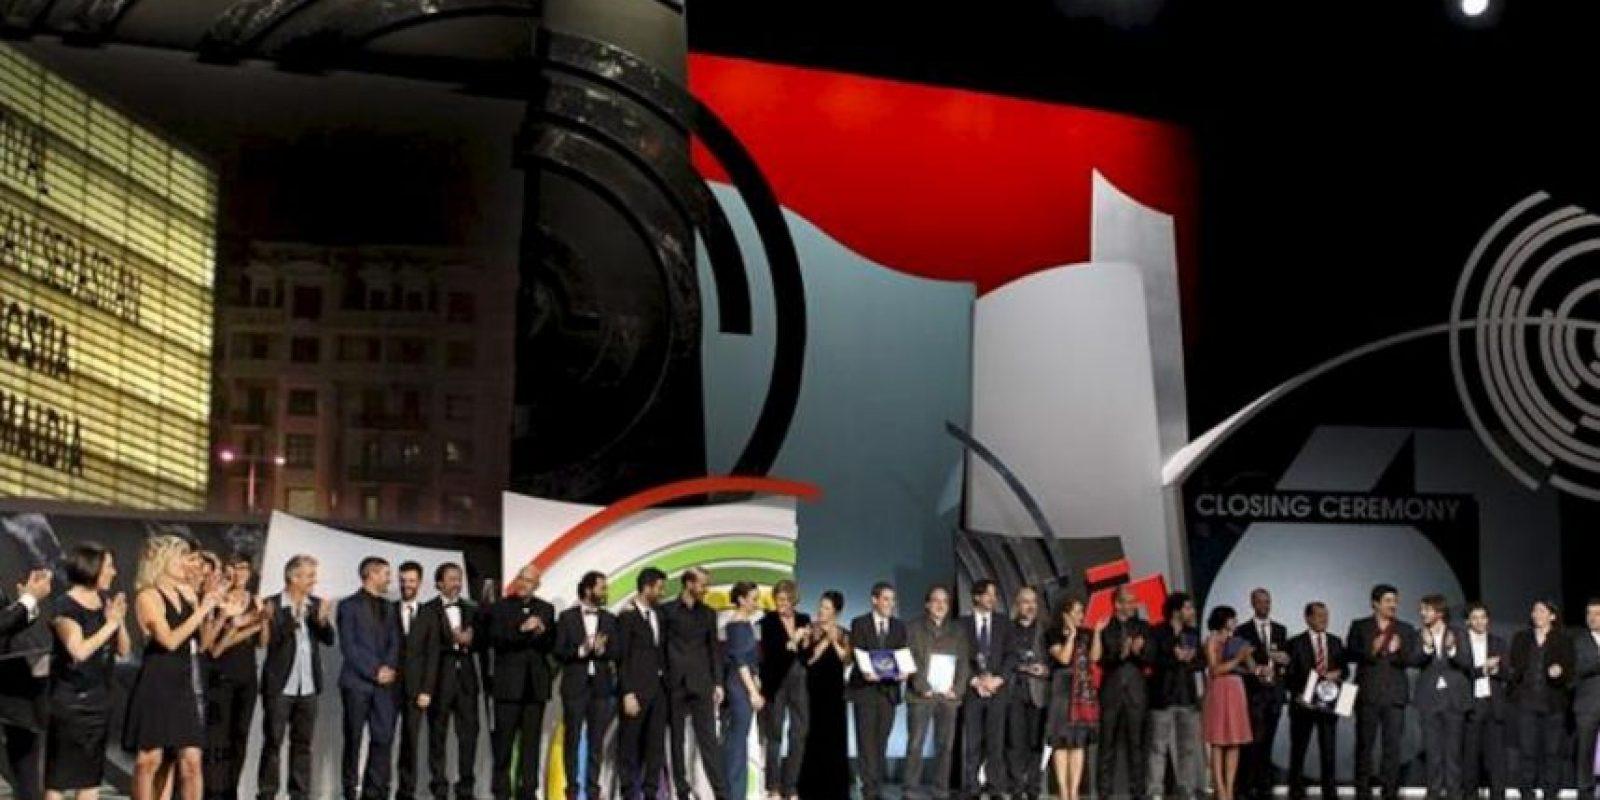 Gala de clausura la 61 edición del Festival Internacional de Cine de San Sebastián. EFE